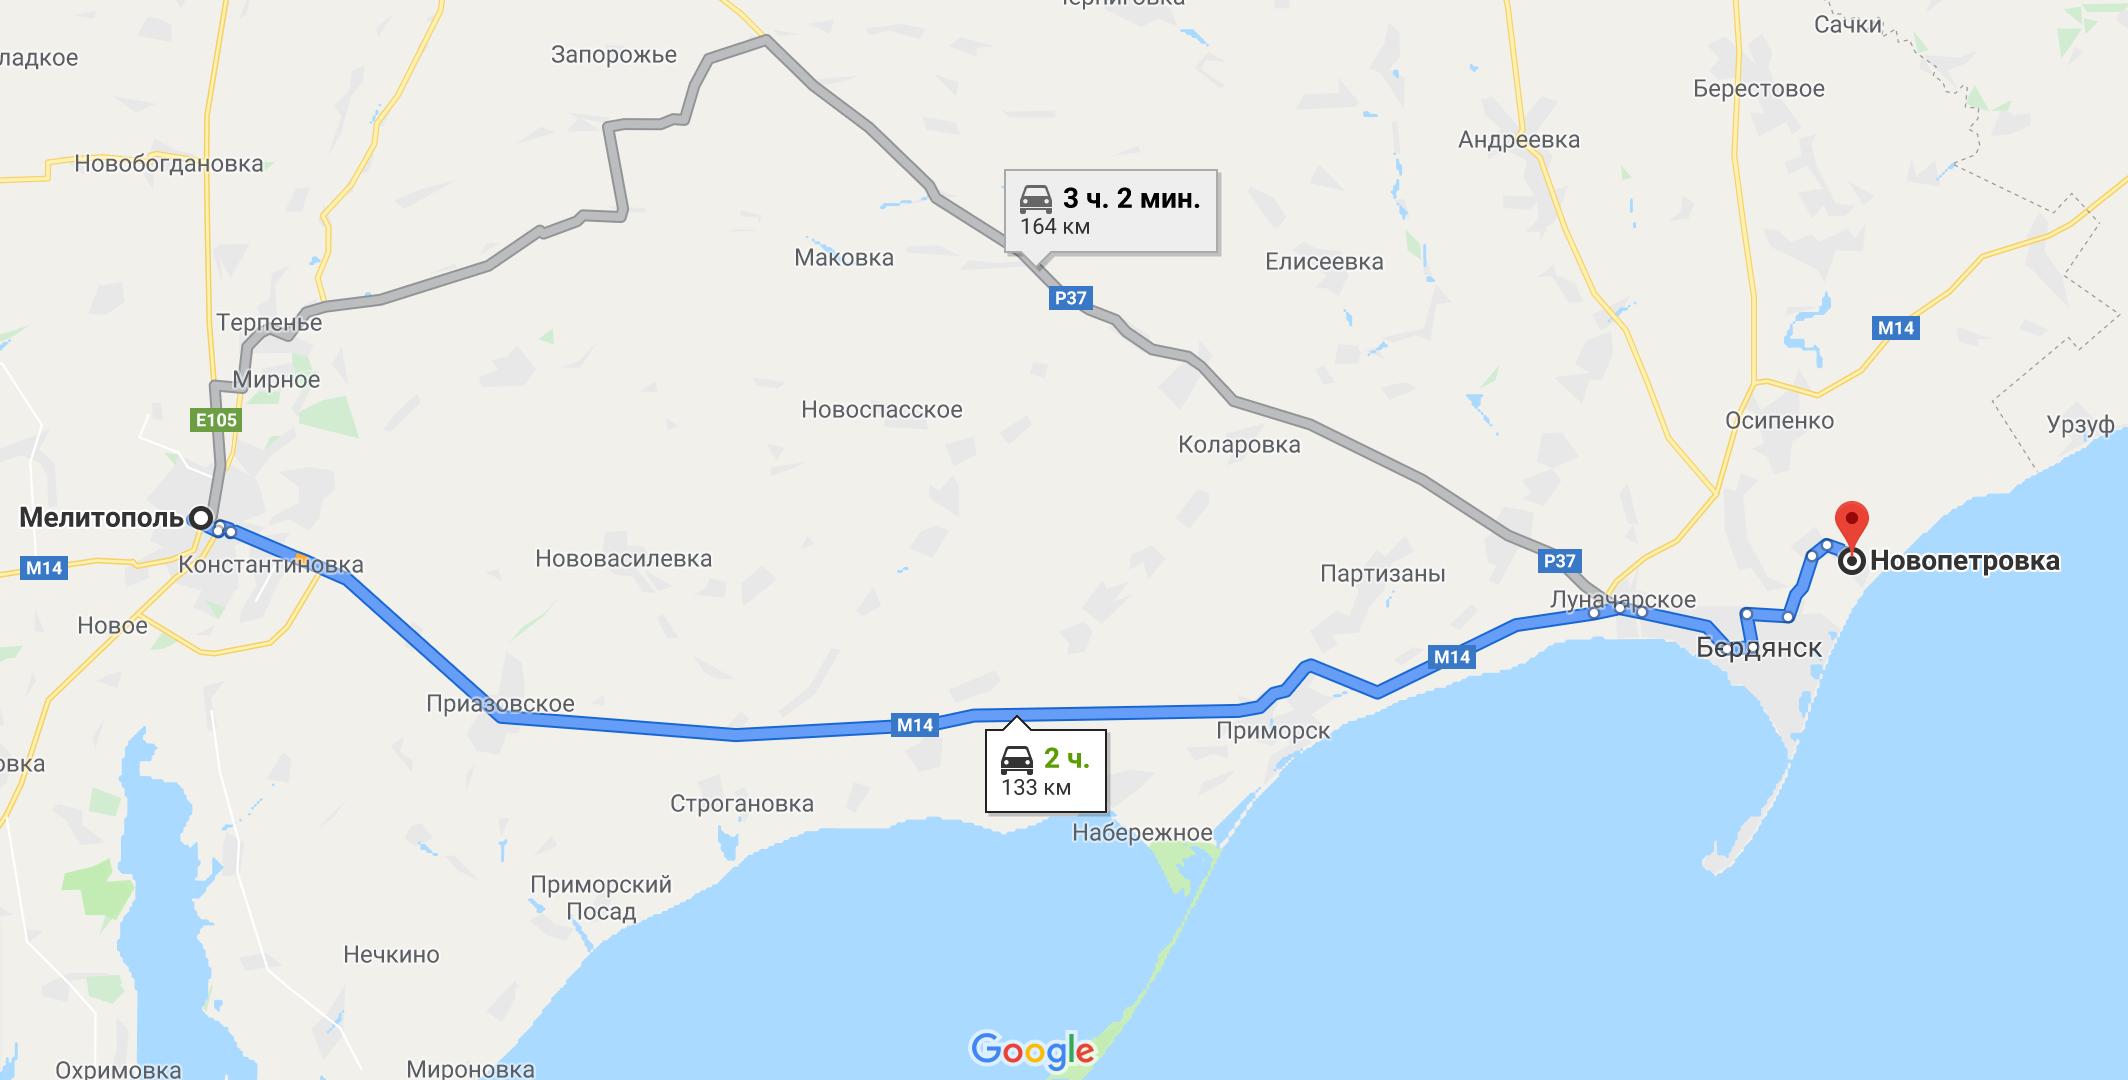 Как добраться до Новопетровки на авто из Мелитополя